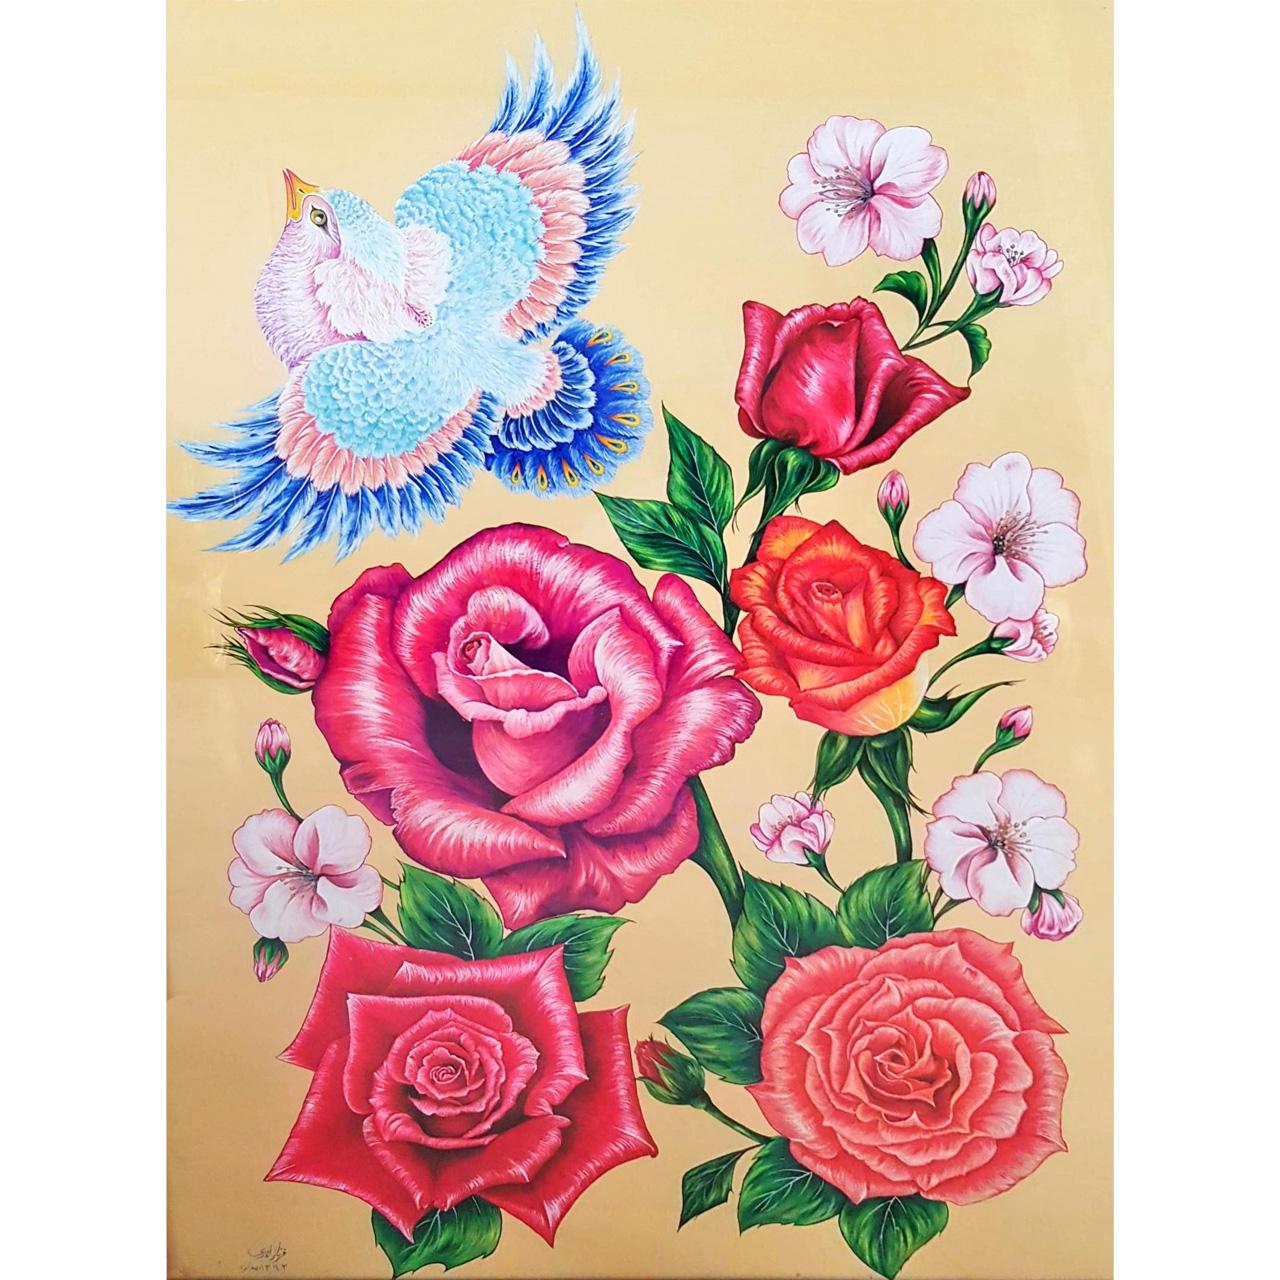 تابلو نقاشی آبرنگ طرح گل و مرغ